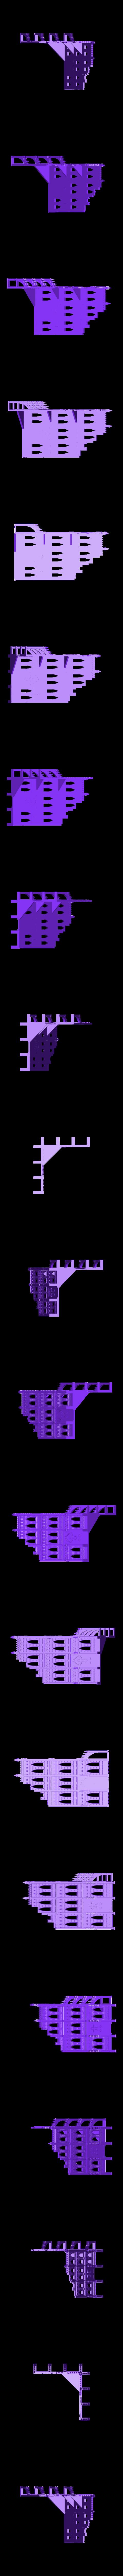 mi paredSTL.stl Télécharger fichier STL gratuit ruines • Design imprimable en 3D, radeon